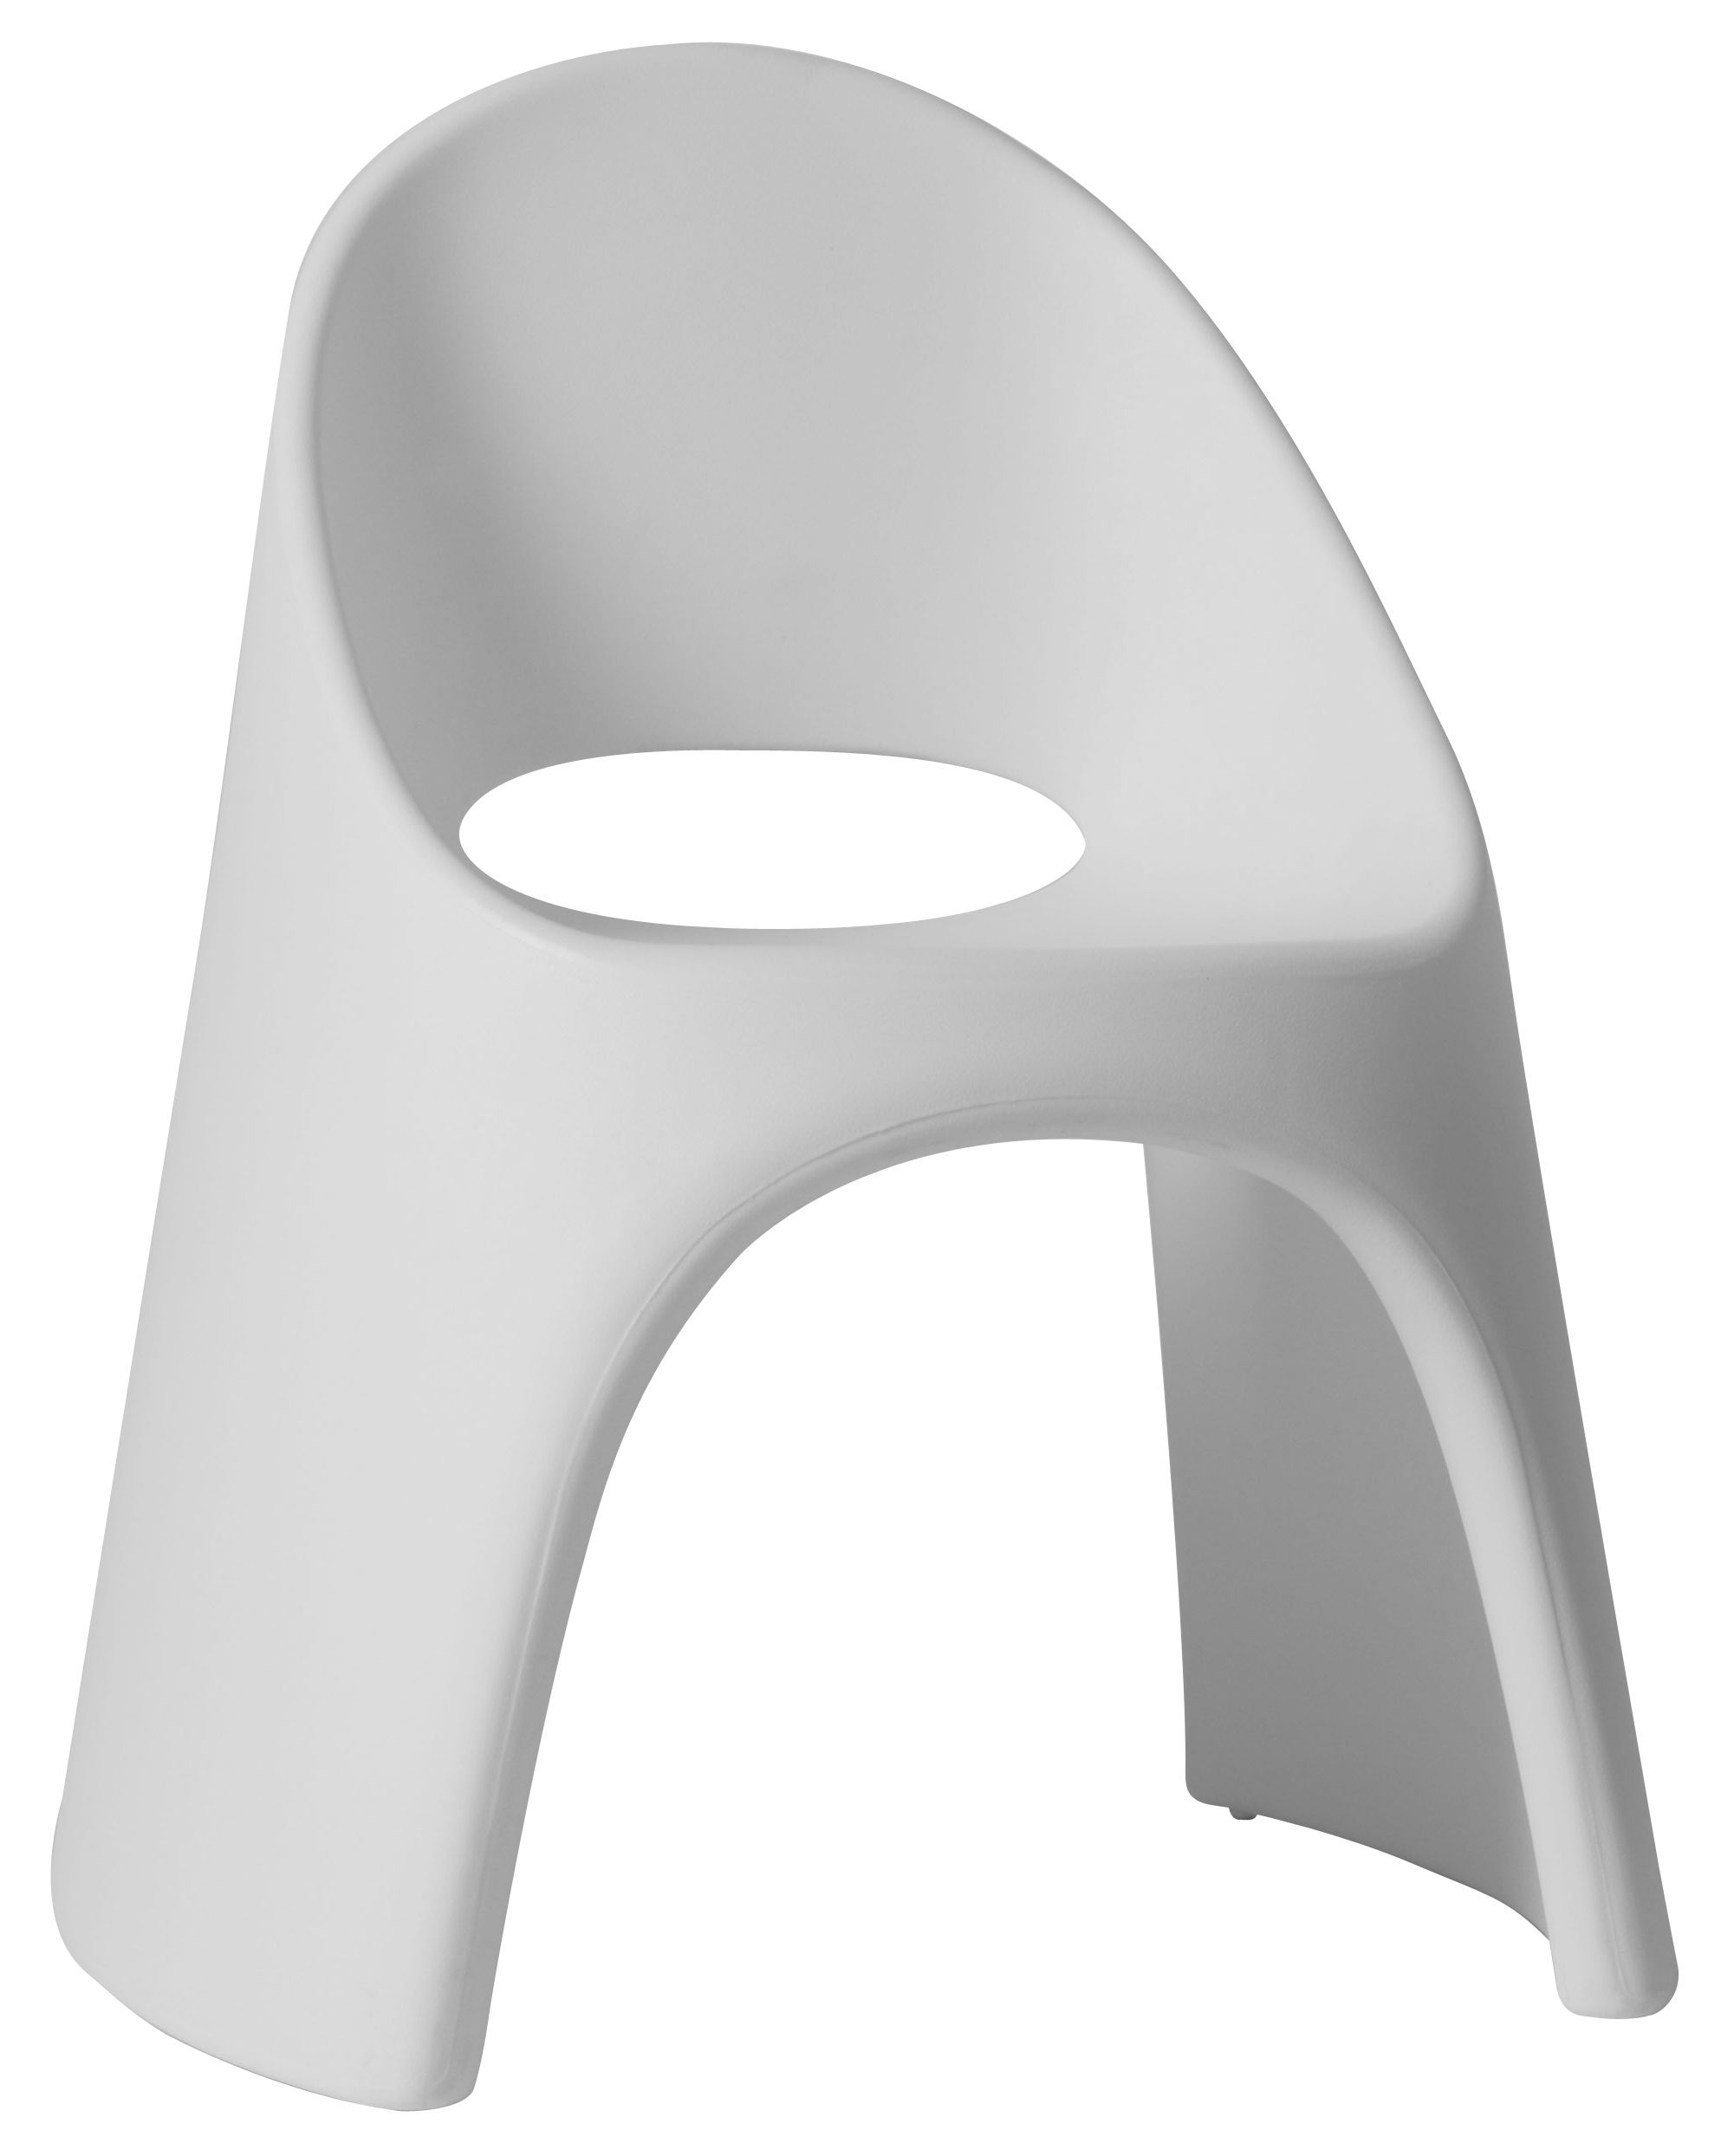 Arredamento - Sedie  - Poltrona impilabile Amélie di Slide - Bianco - Polietilene